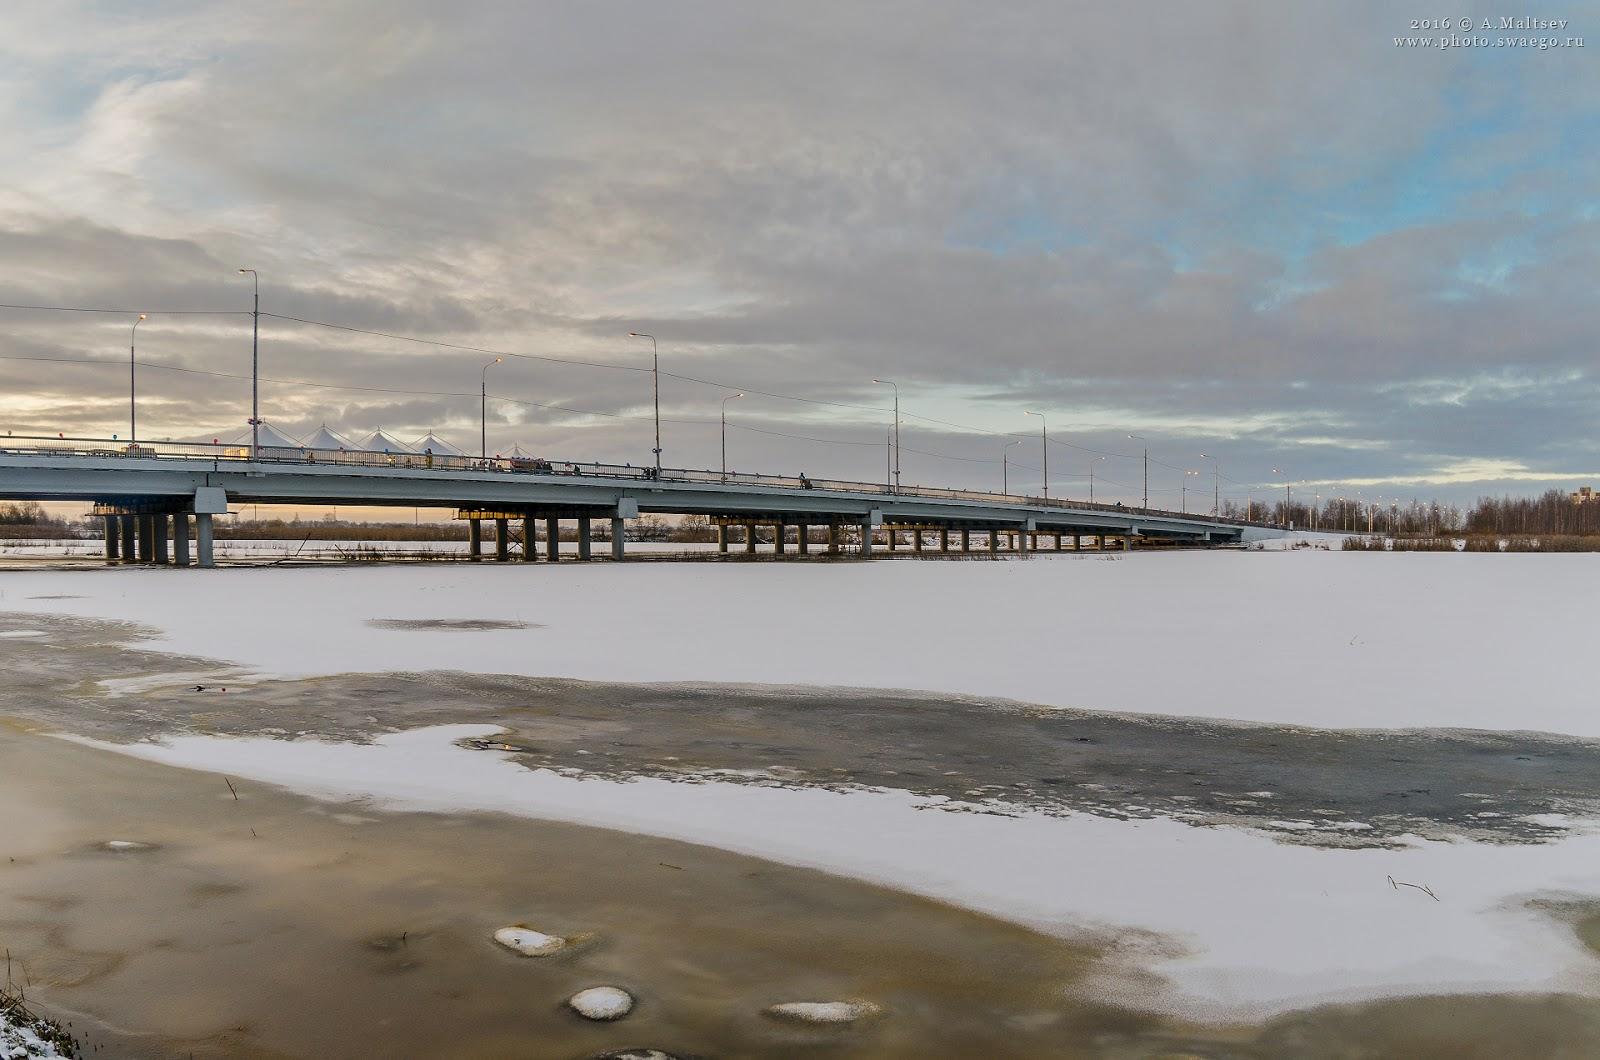 основании новый мост в колпино фото можно улучшить: Есть